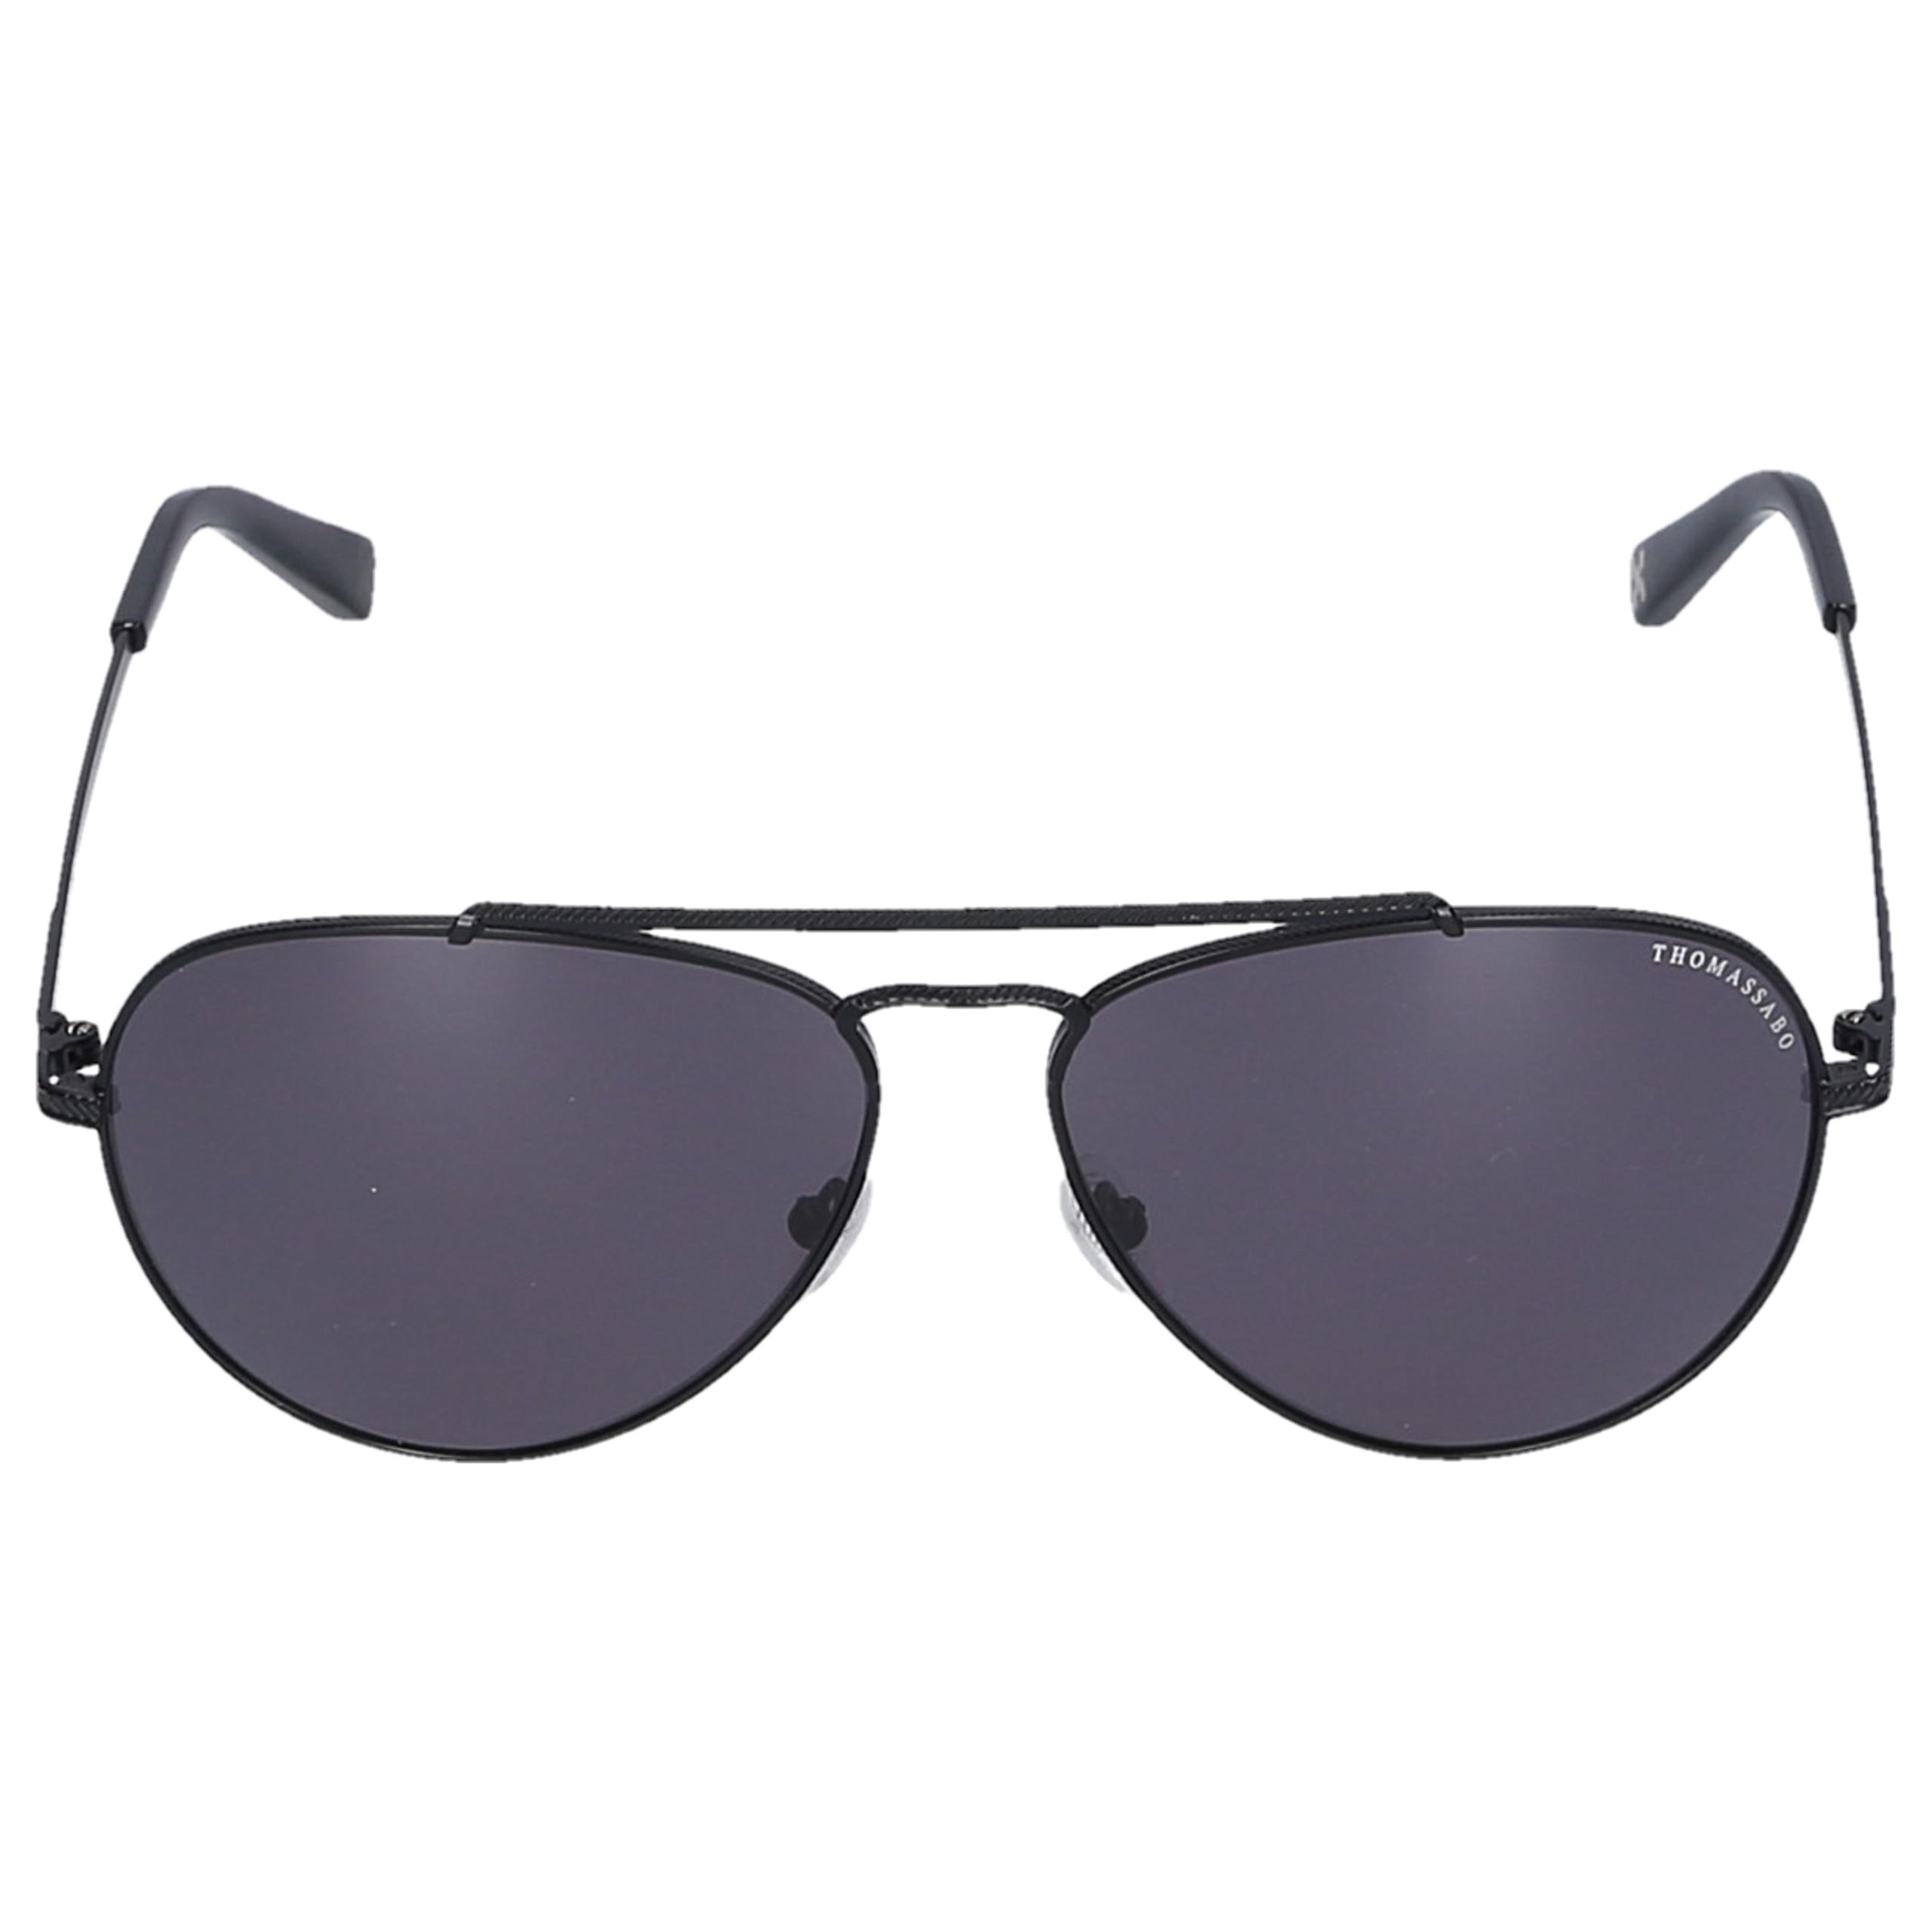 Sonnenbrille Aviator 254106 Metall schwarz